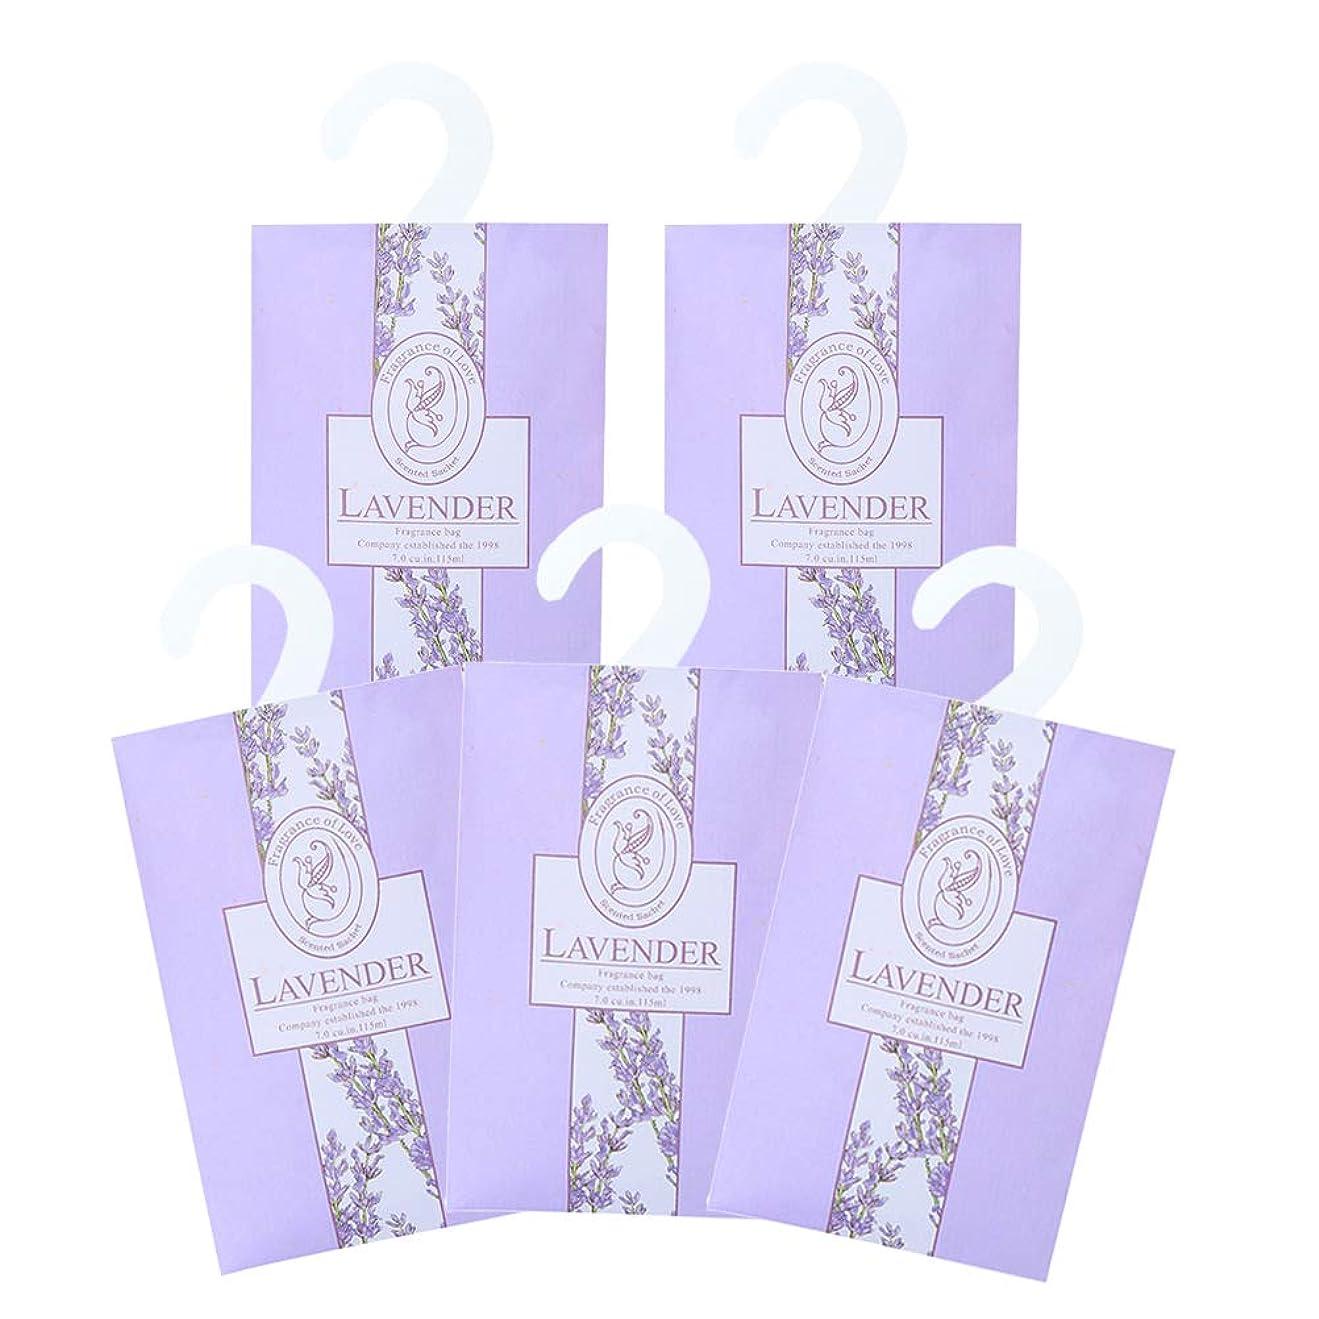 ヒゲバンジョー確実TINKSKY 香り袋 サシェ 5枚セット 花の香り ルームフレグランス 車内用 玄関用 部屋用 着物用 芳香剤(ラベンダー)